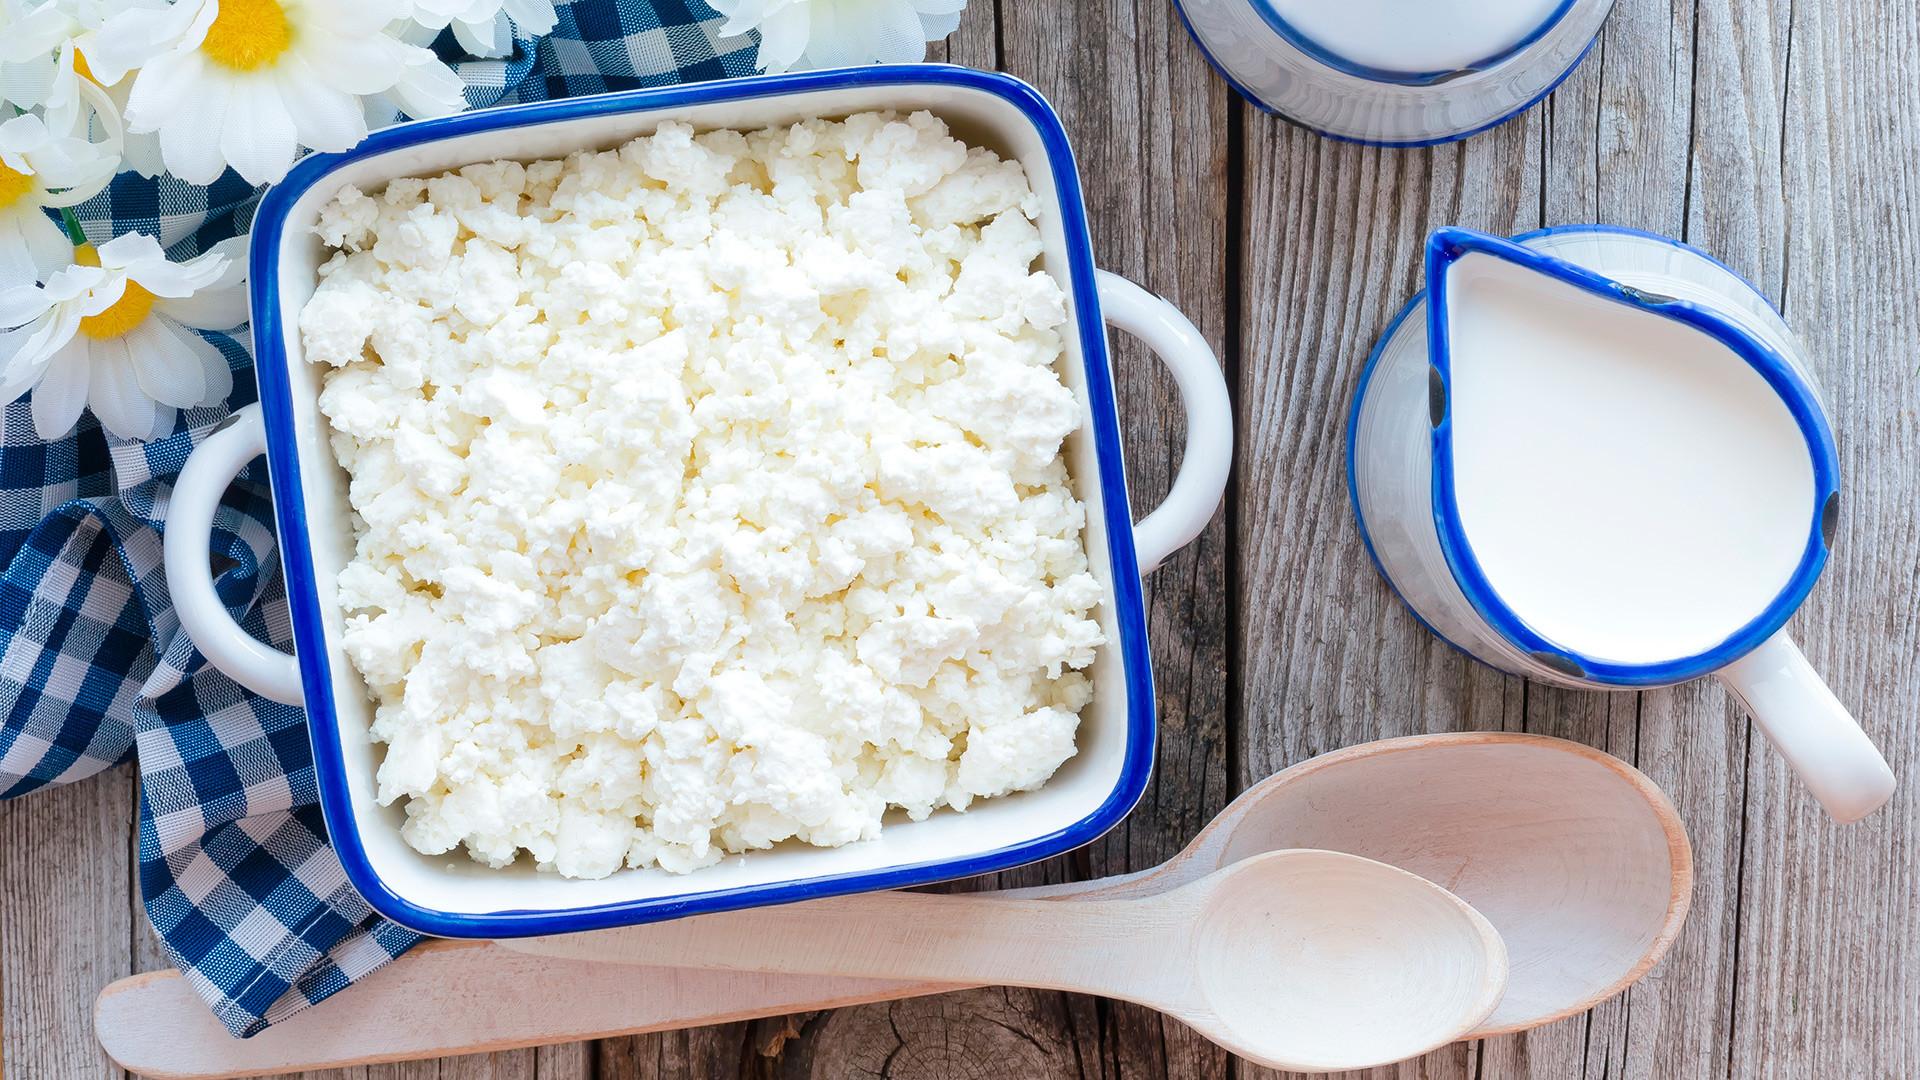 come viene usato il cetriolo per perdere peso